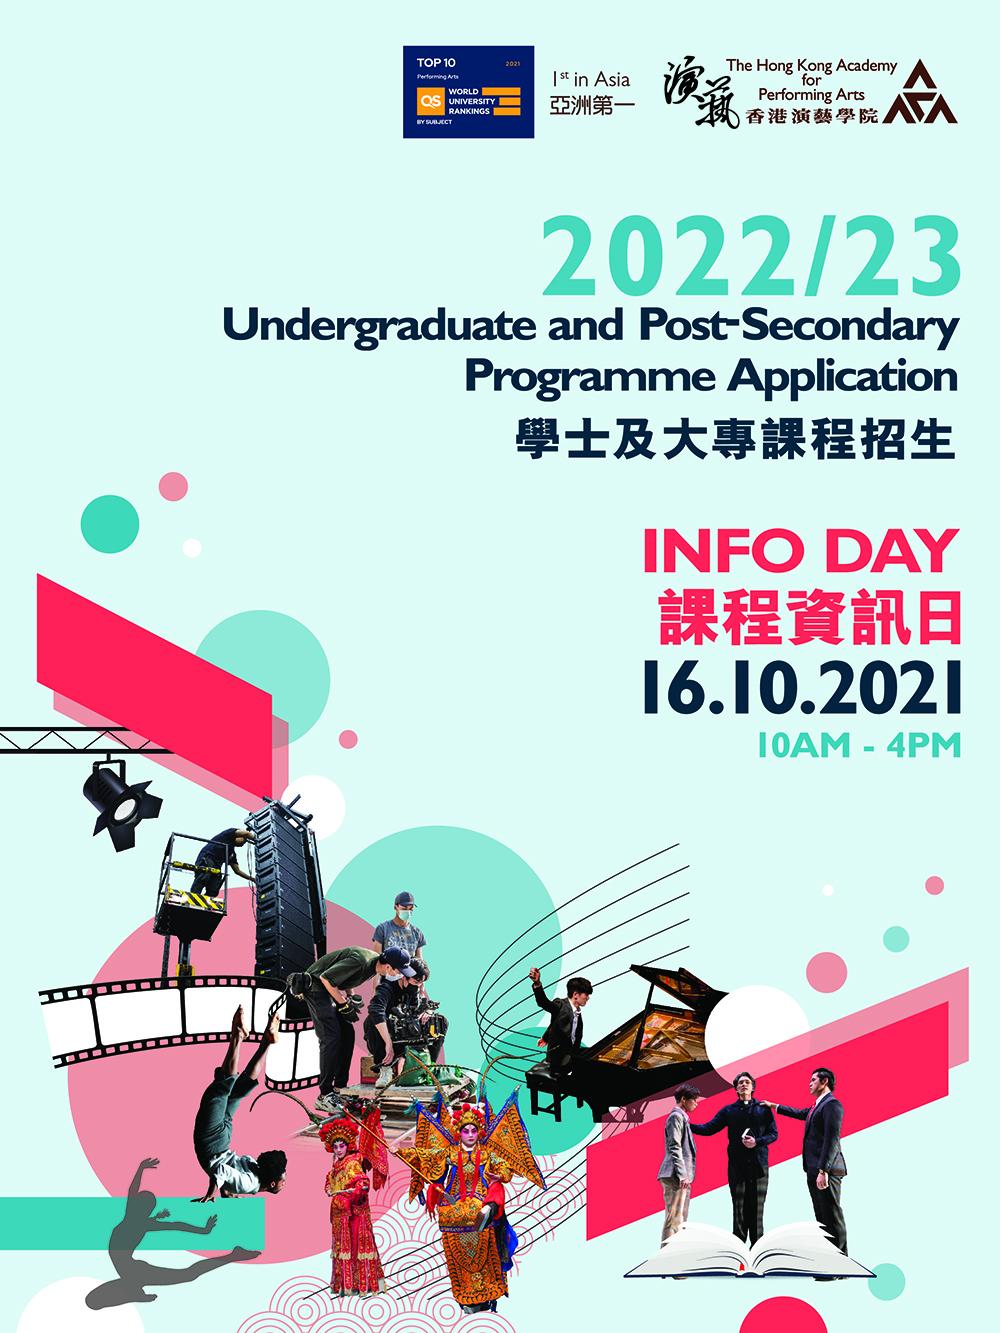 演藝學院校園及網上課程資訊日2021<br>表演藝術教育創新發展